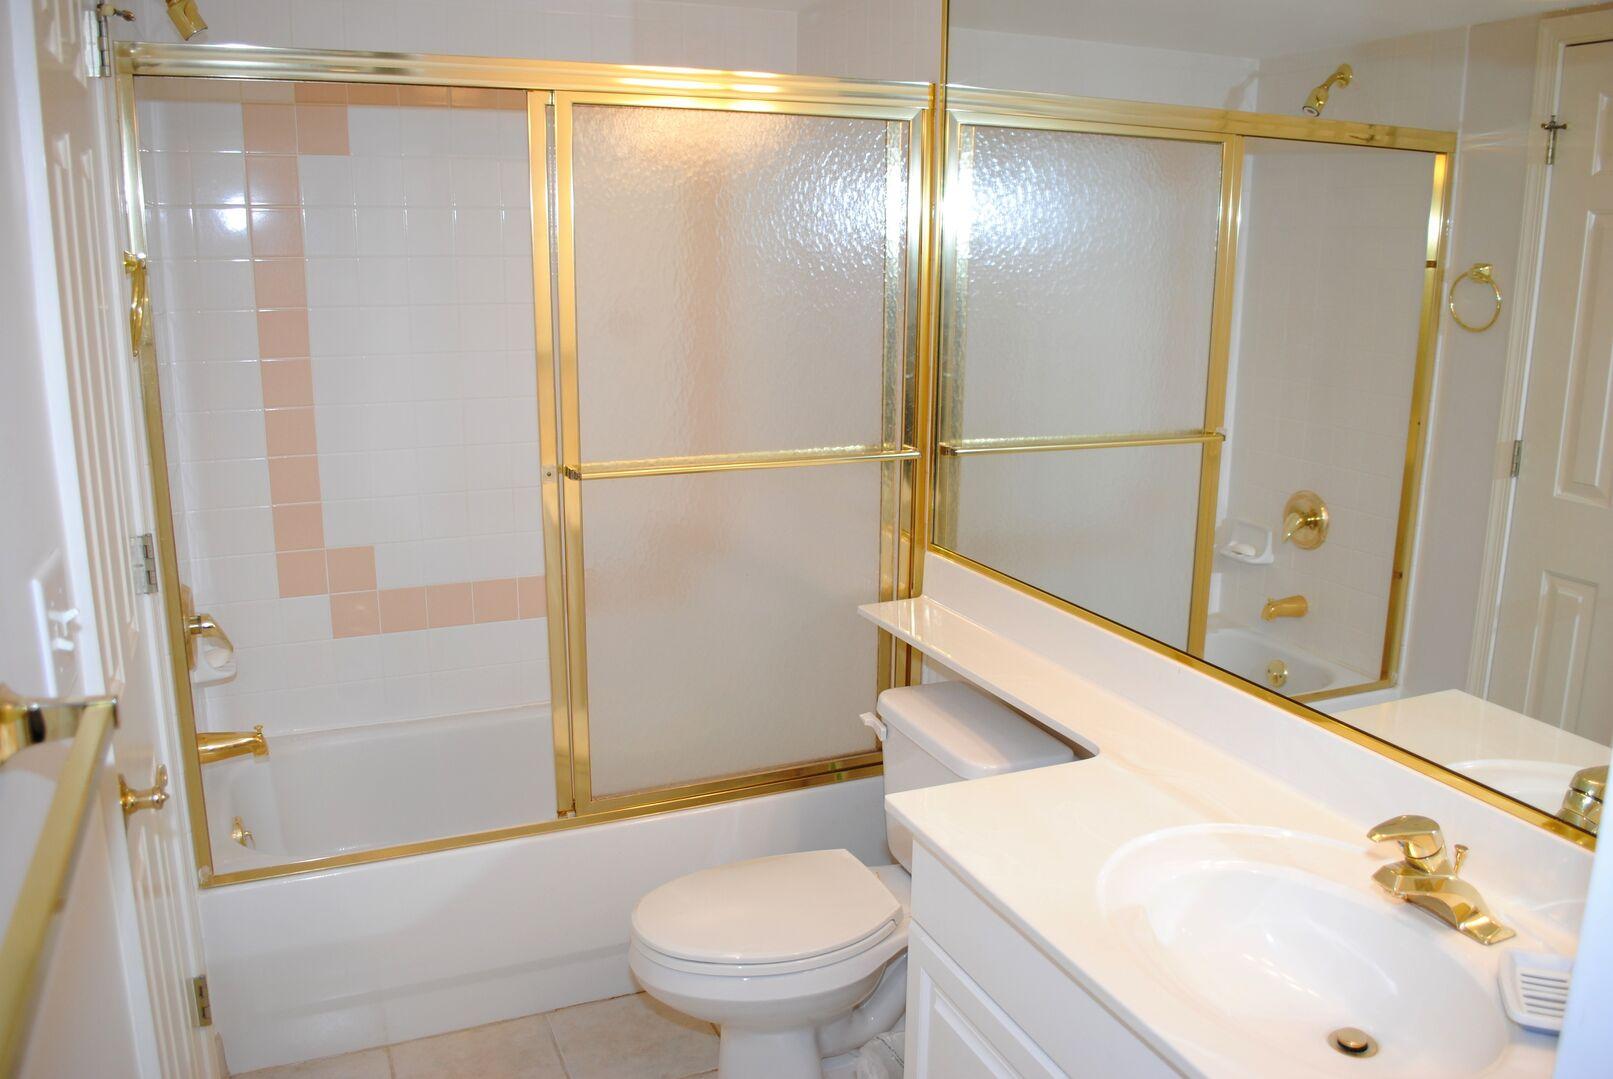 Shared Bathroom (Hallway and Twins)